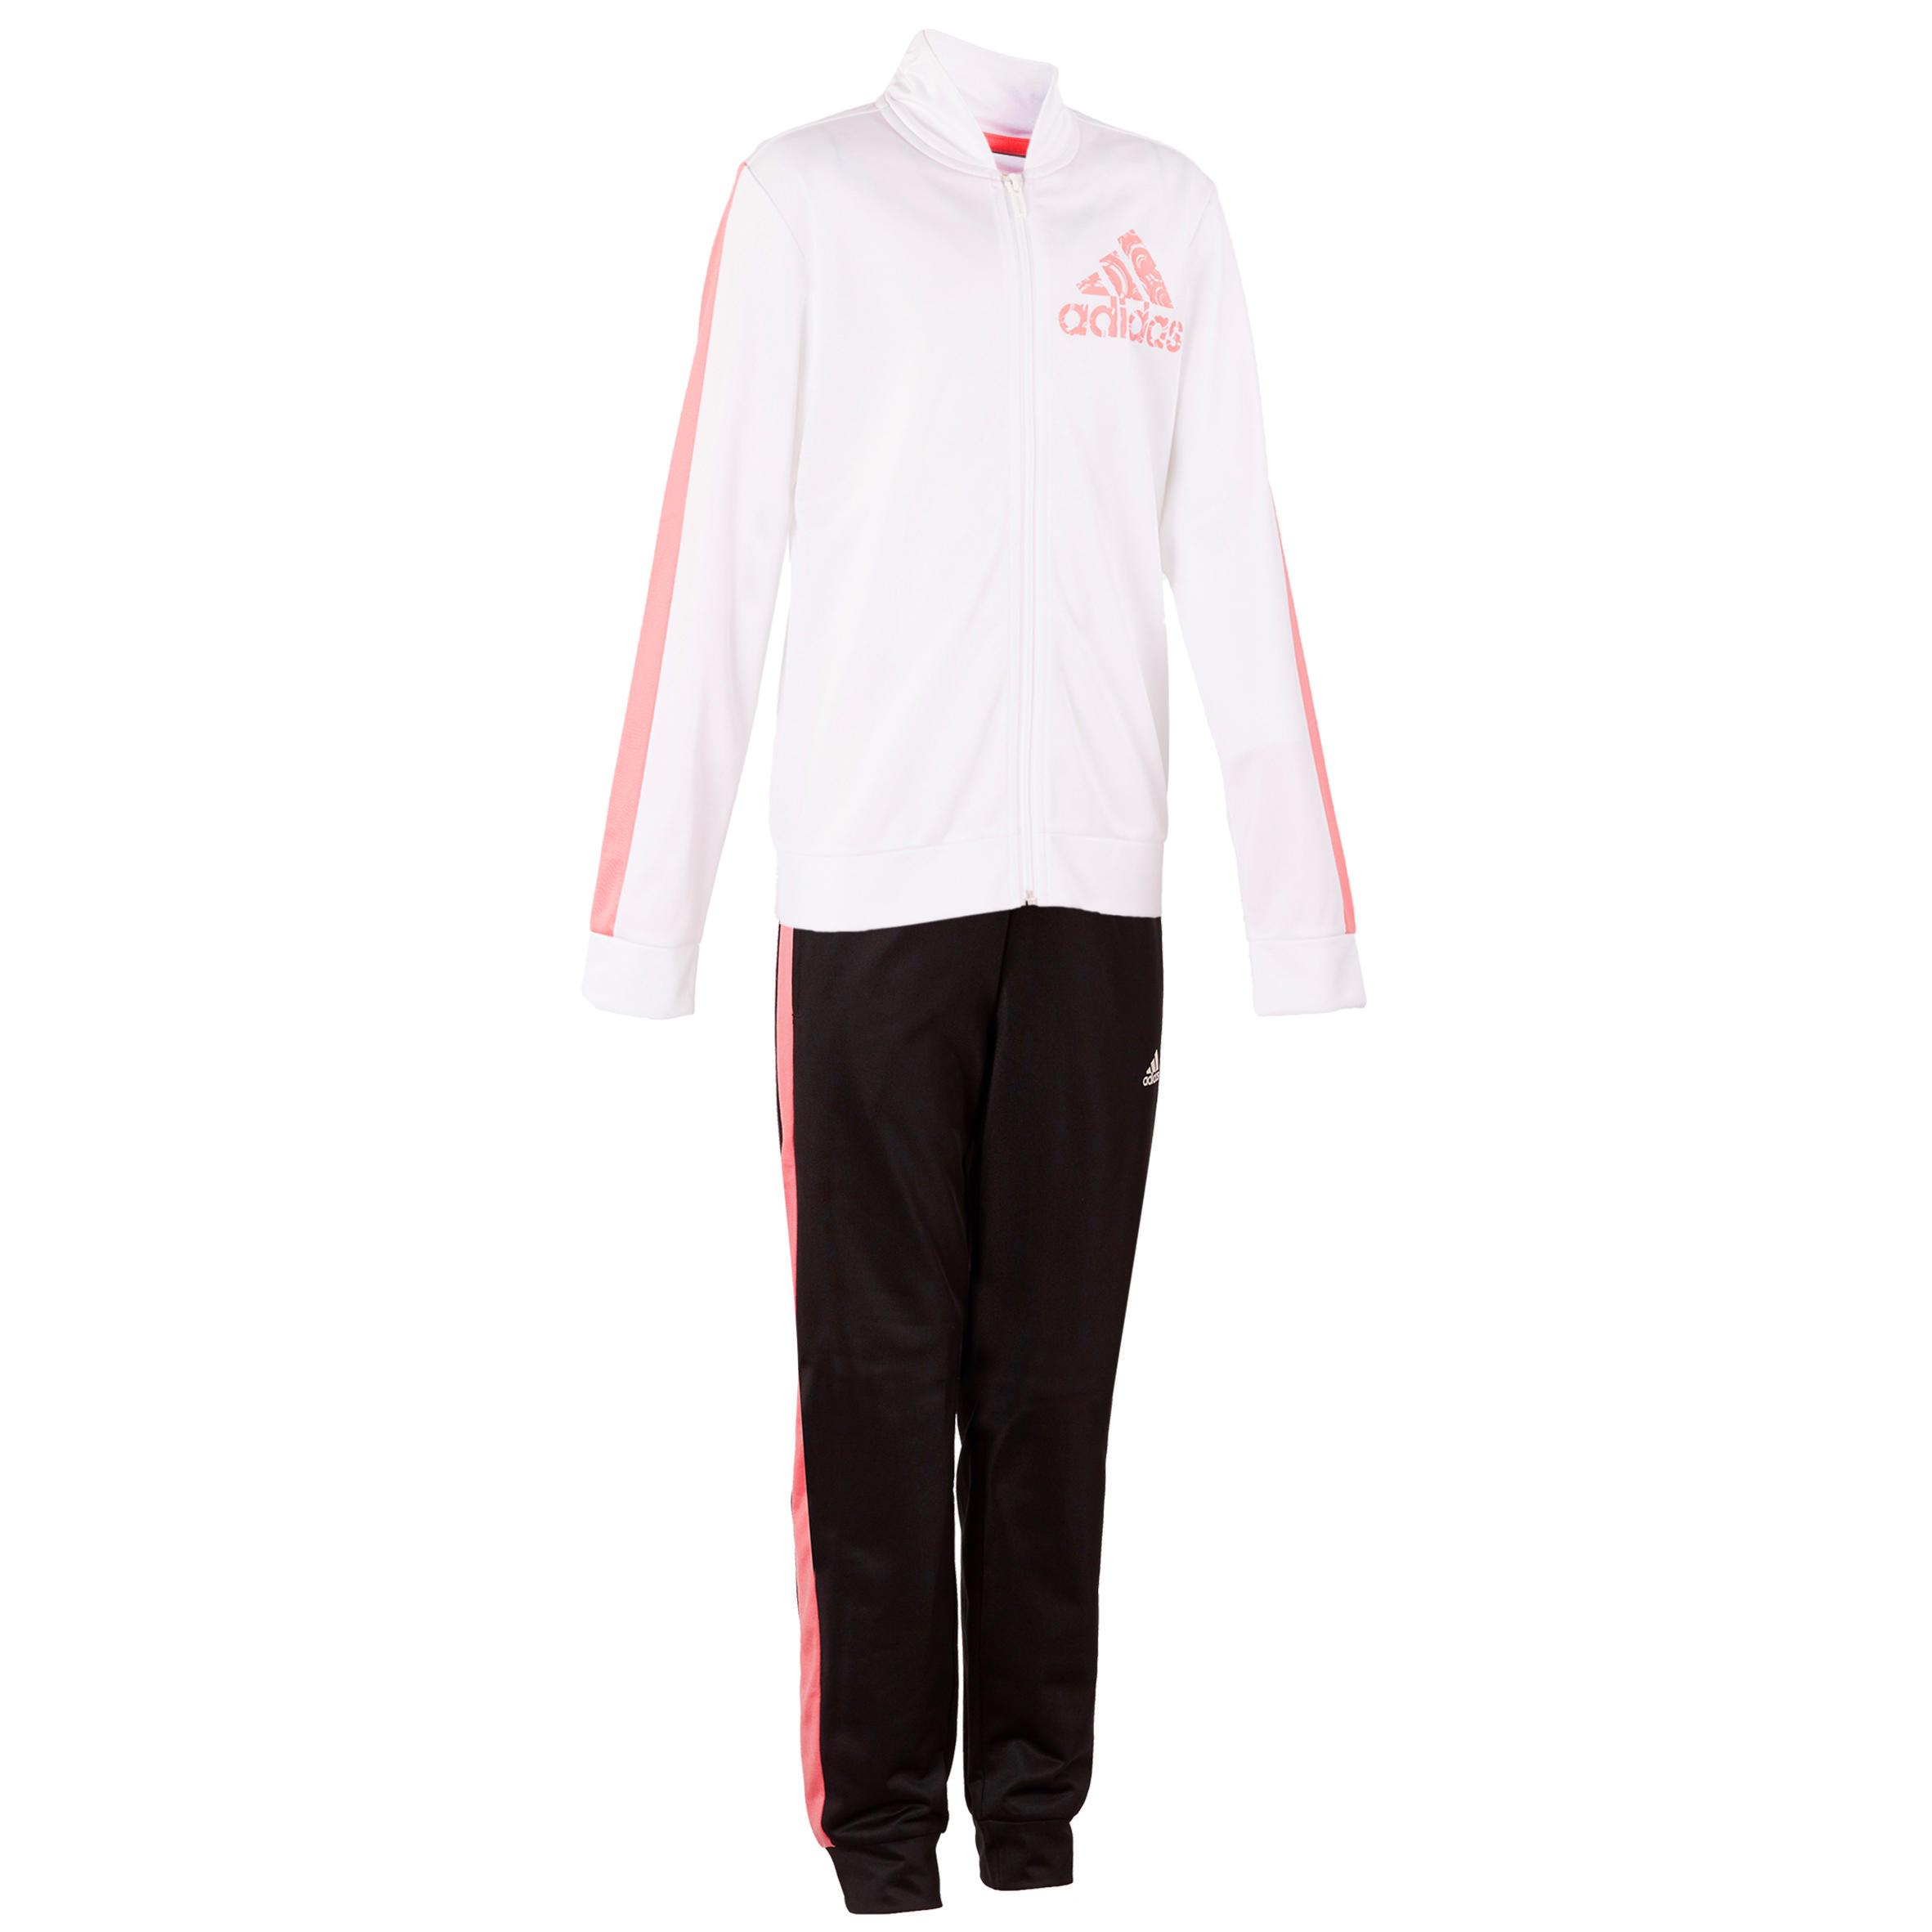 Adidas Trainingspak gym meisjes wit roze